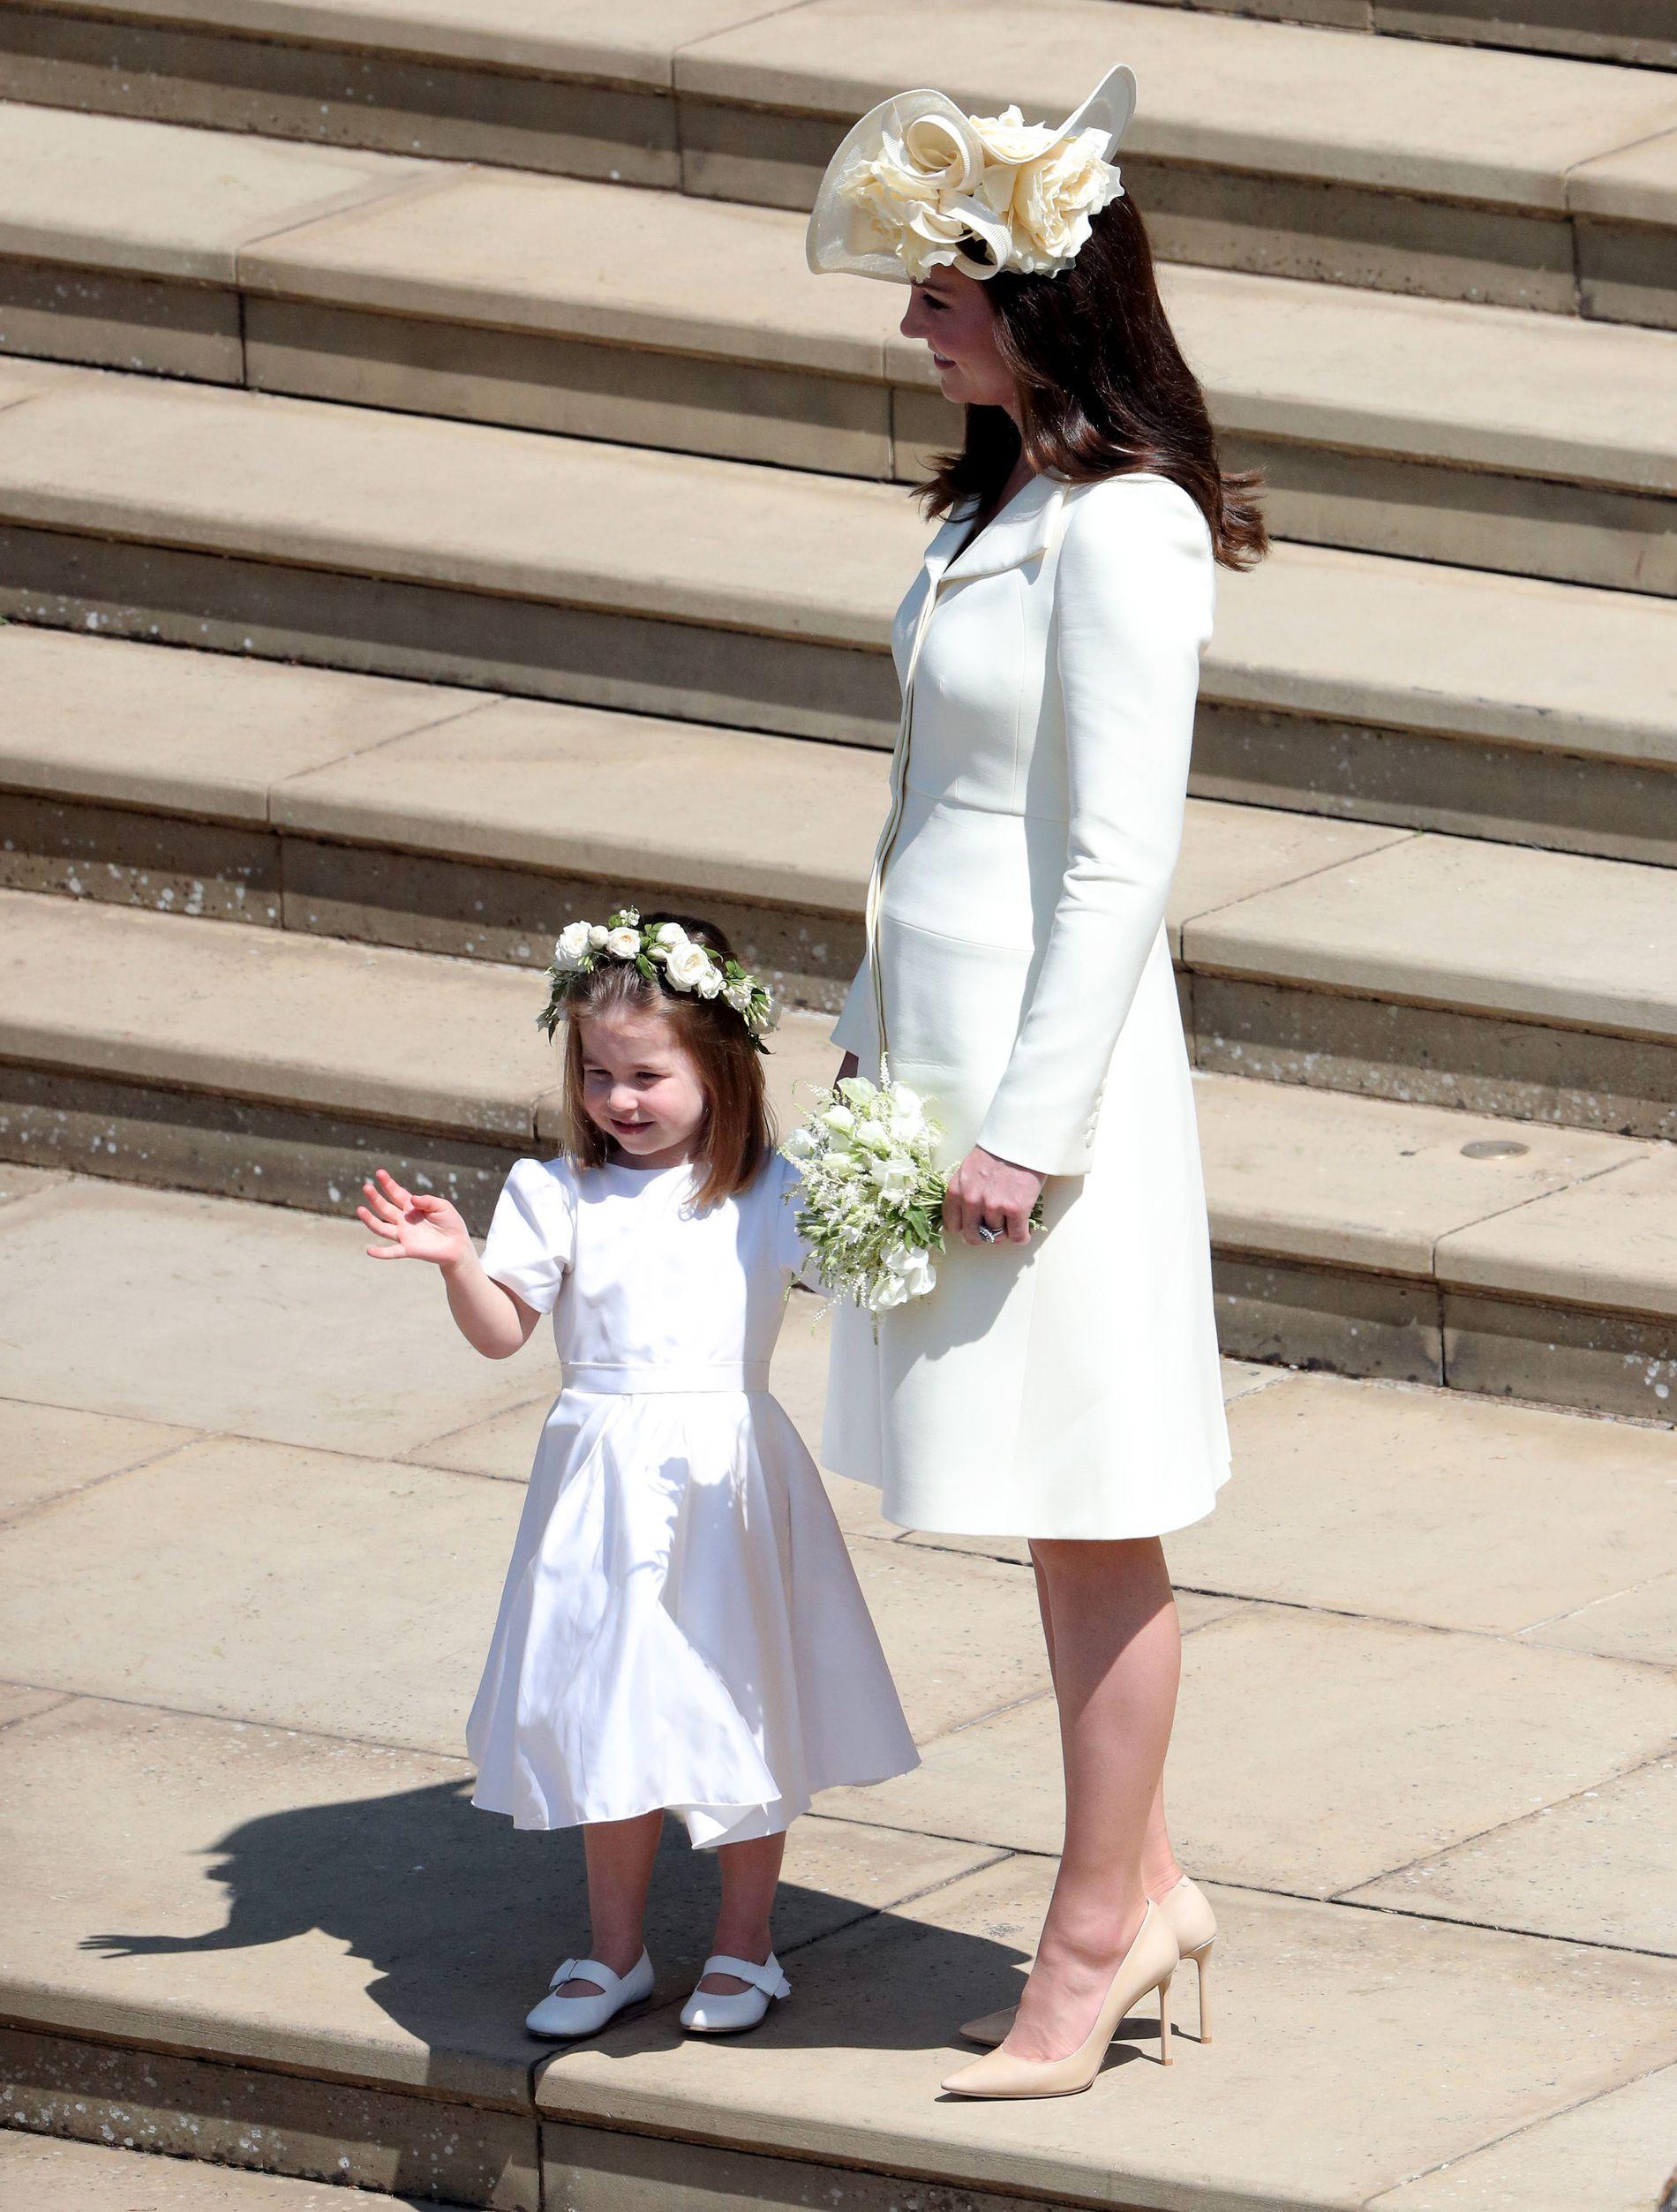 KOM MED BARNA: Hertuginne Kate kom til kapellet sammen med barna Charlotte og George.